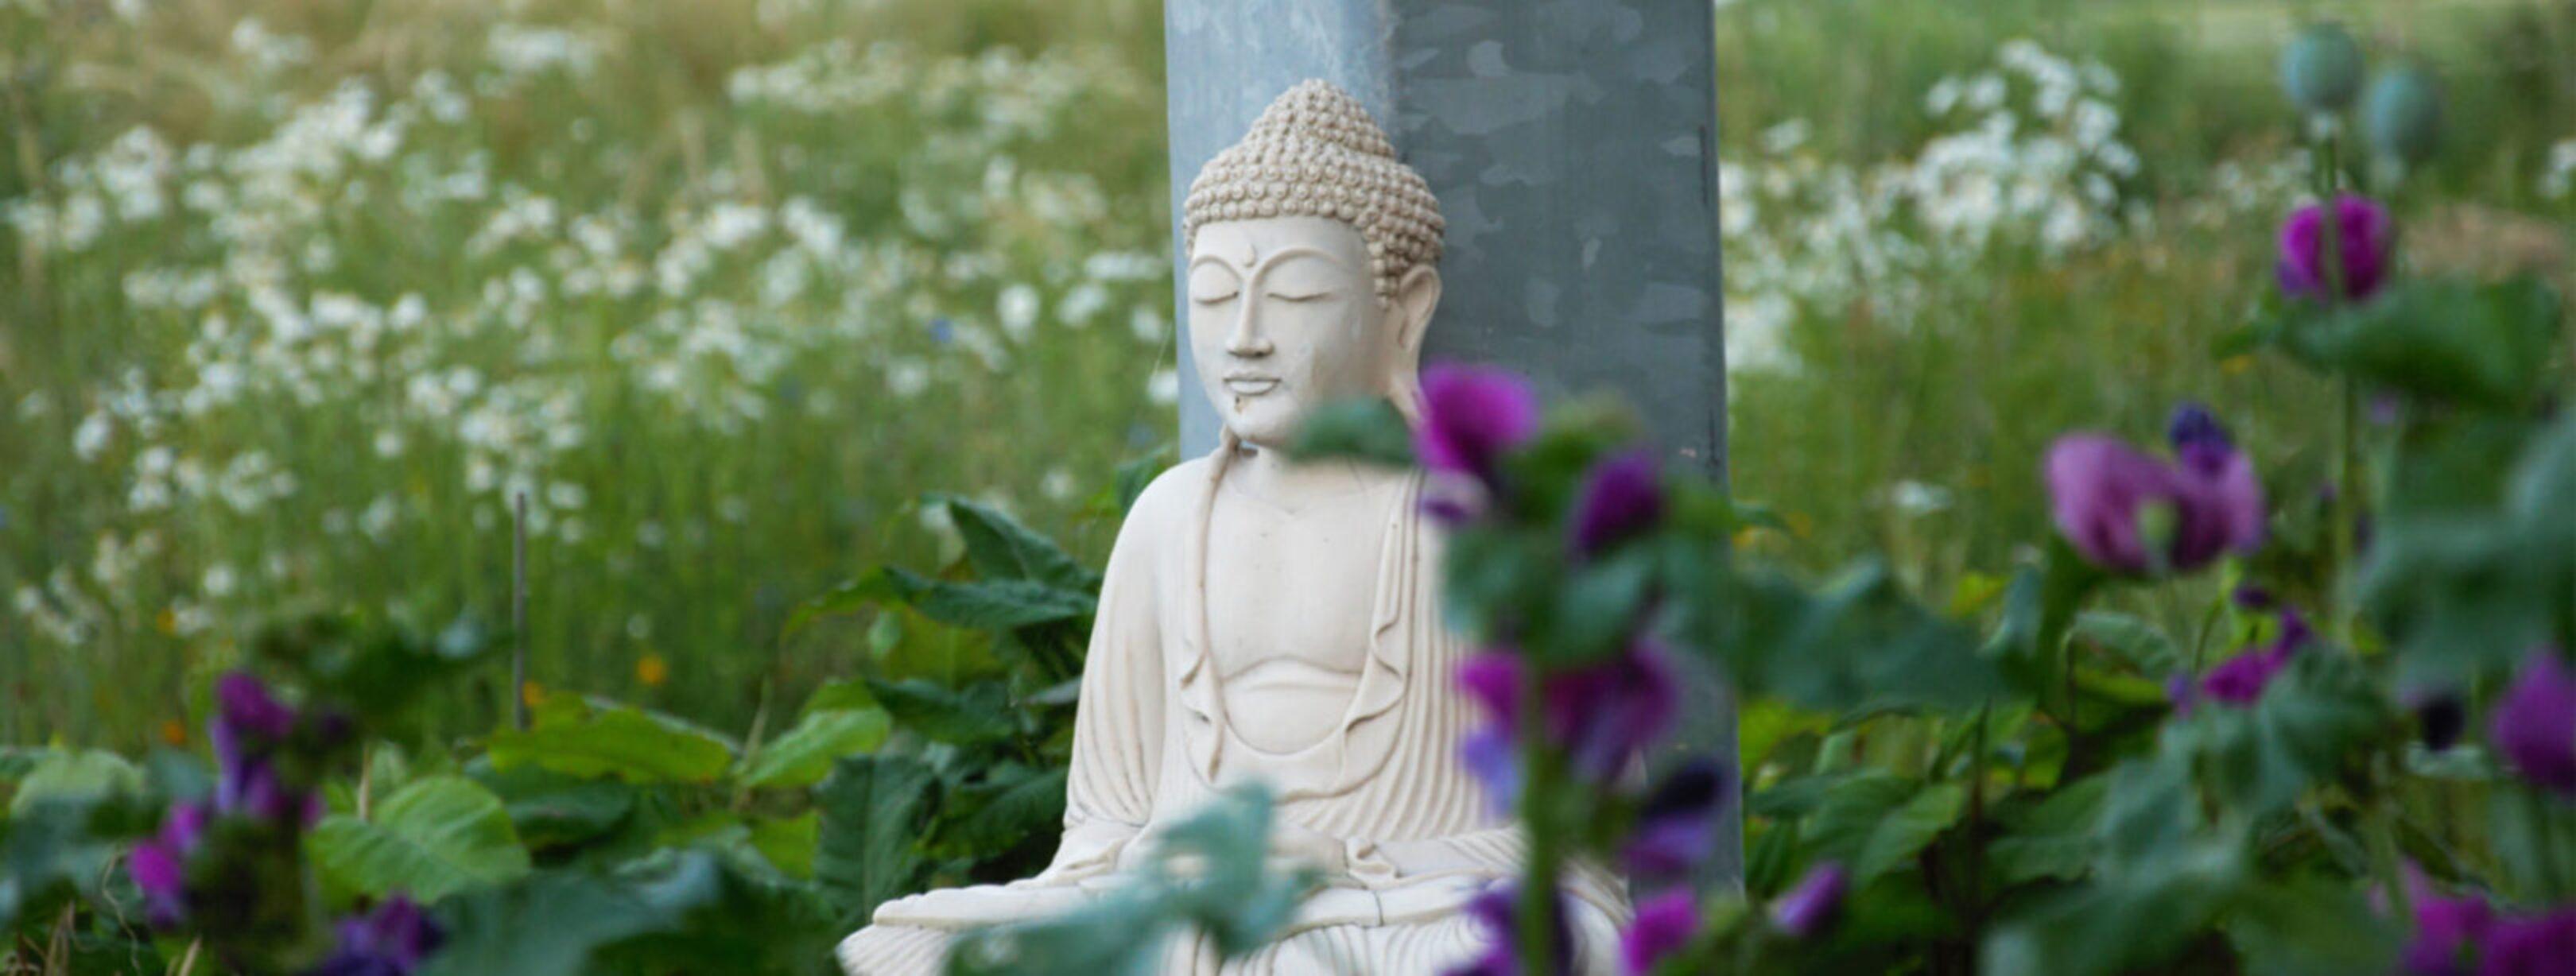 spiritualiteit-en-de-natuur